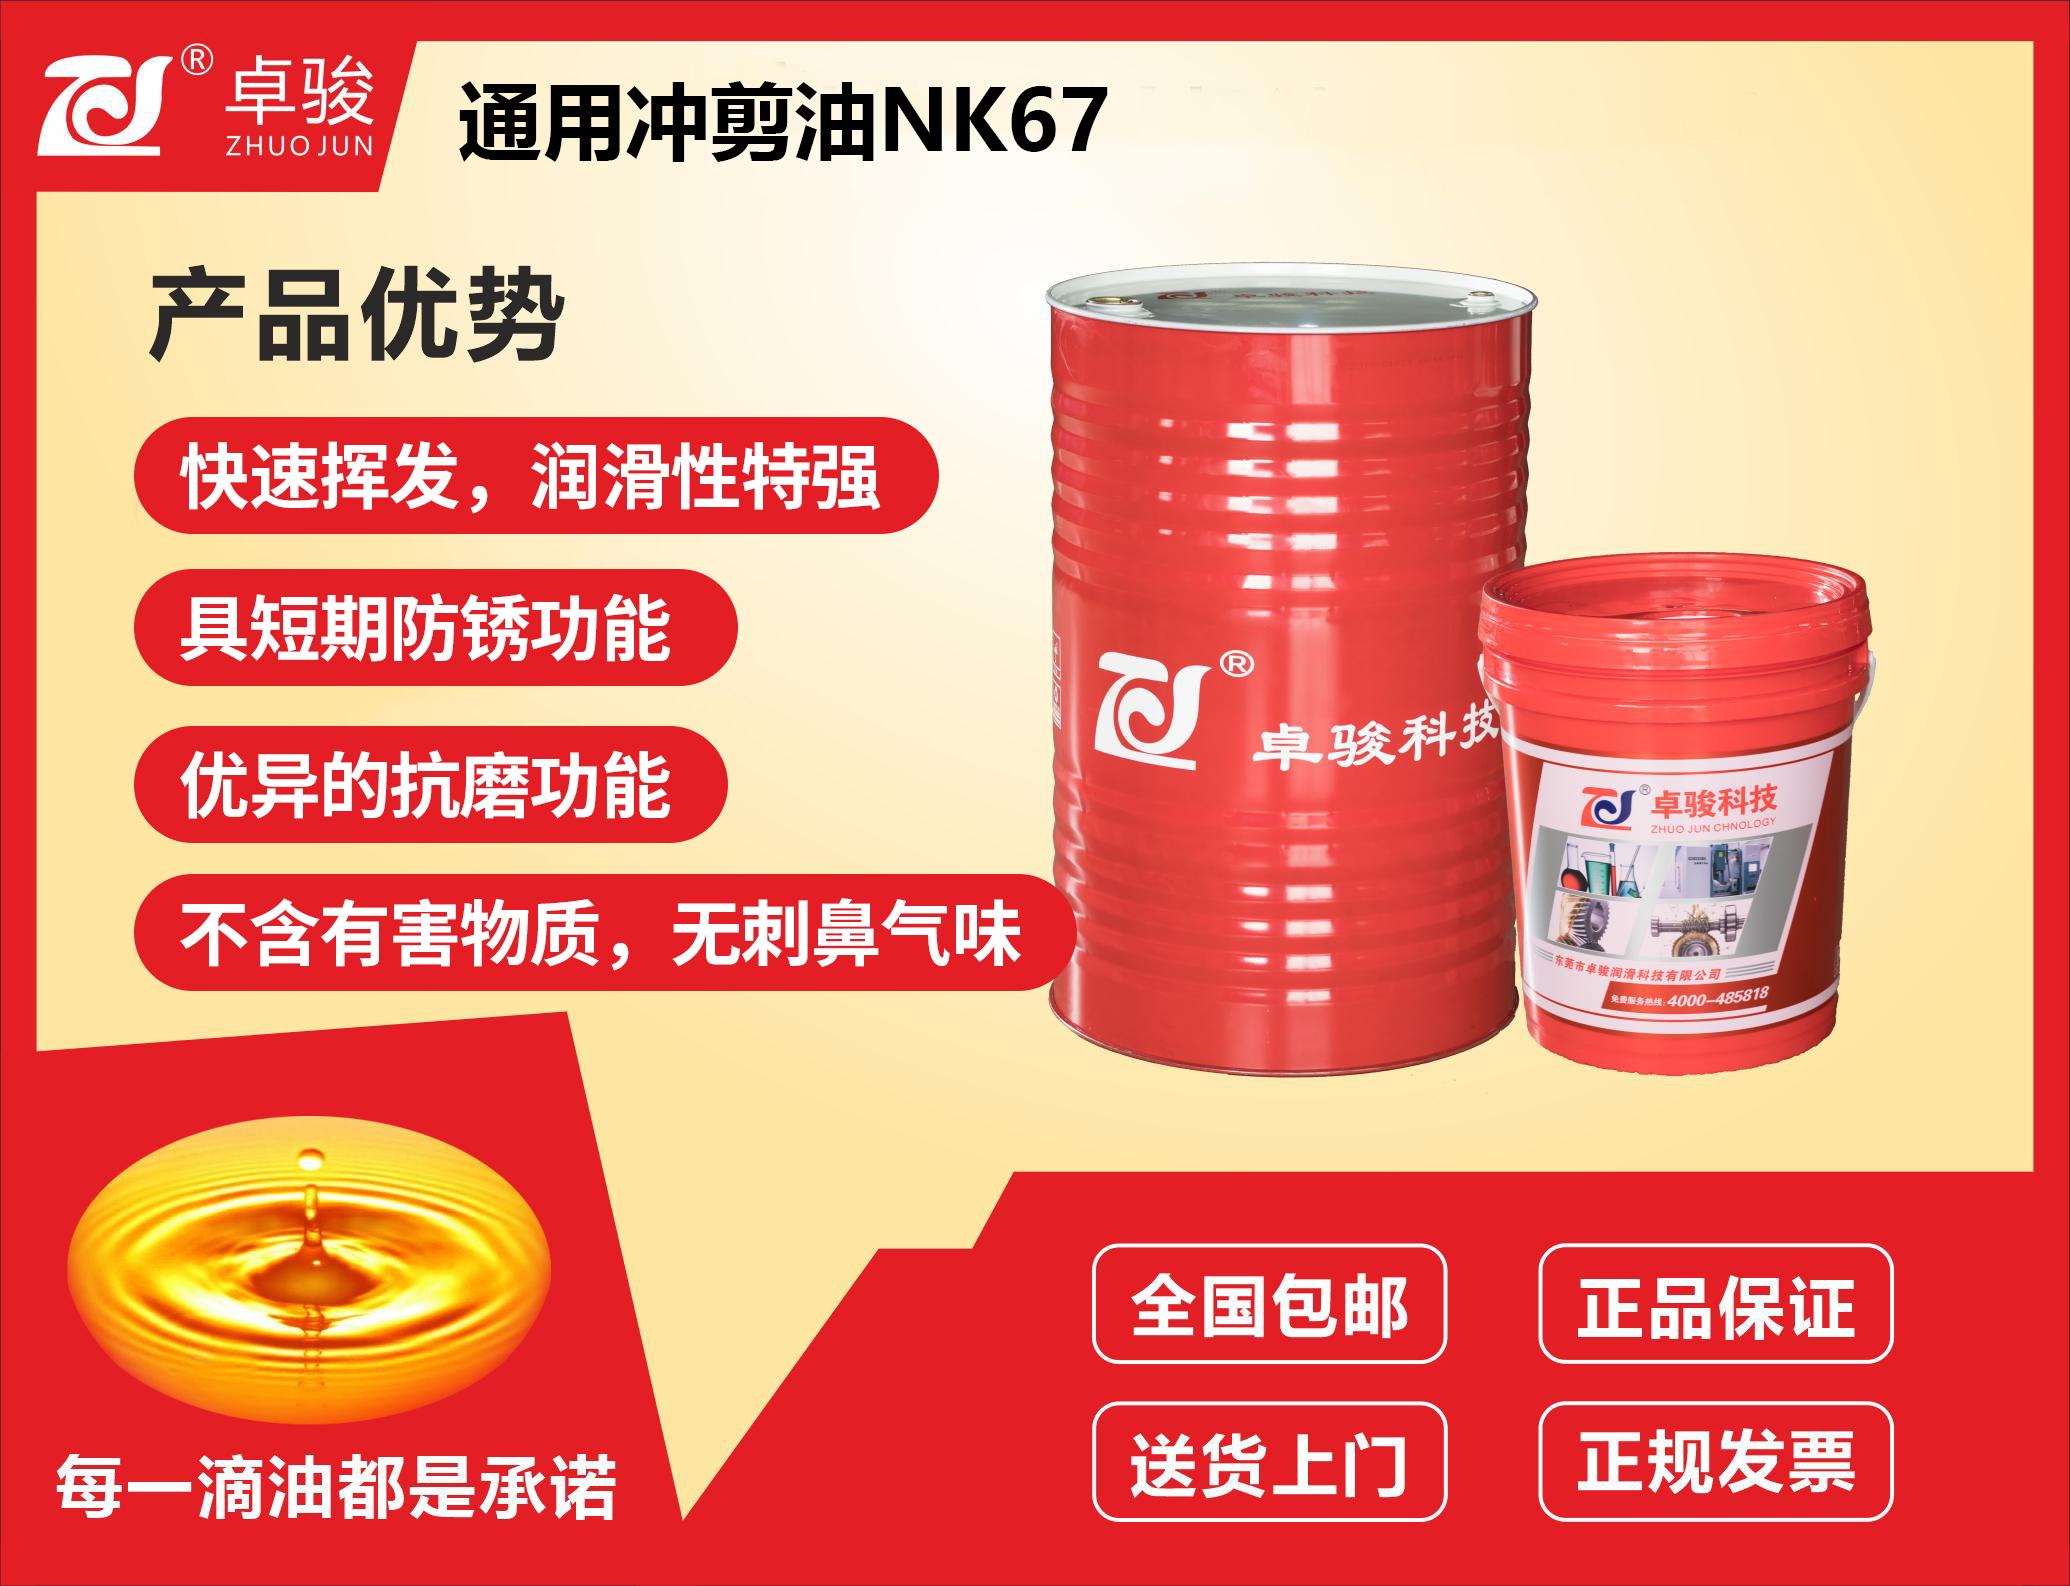 通用冲减油NK67